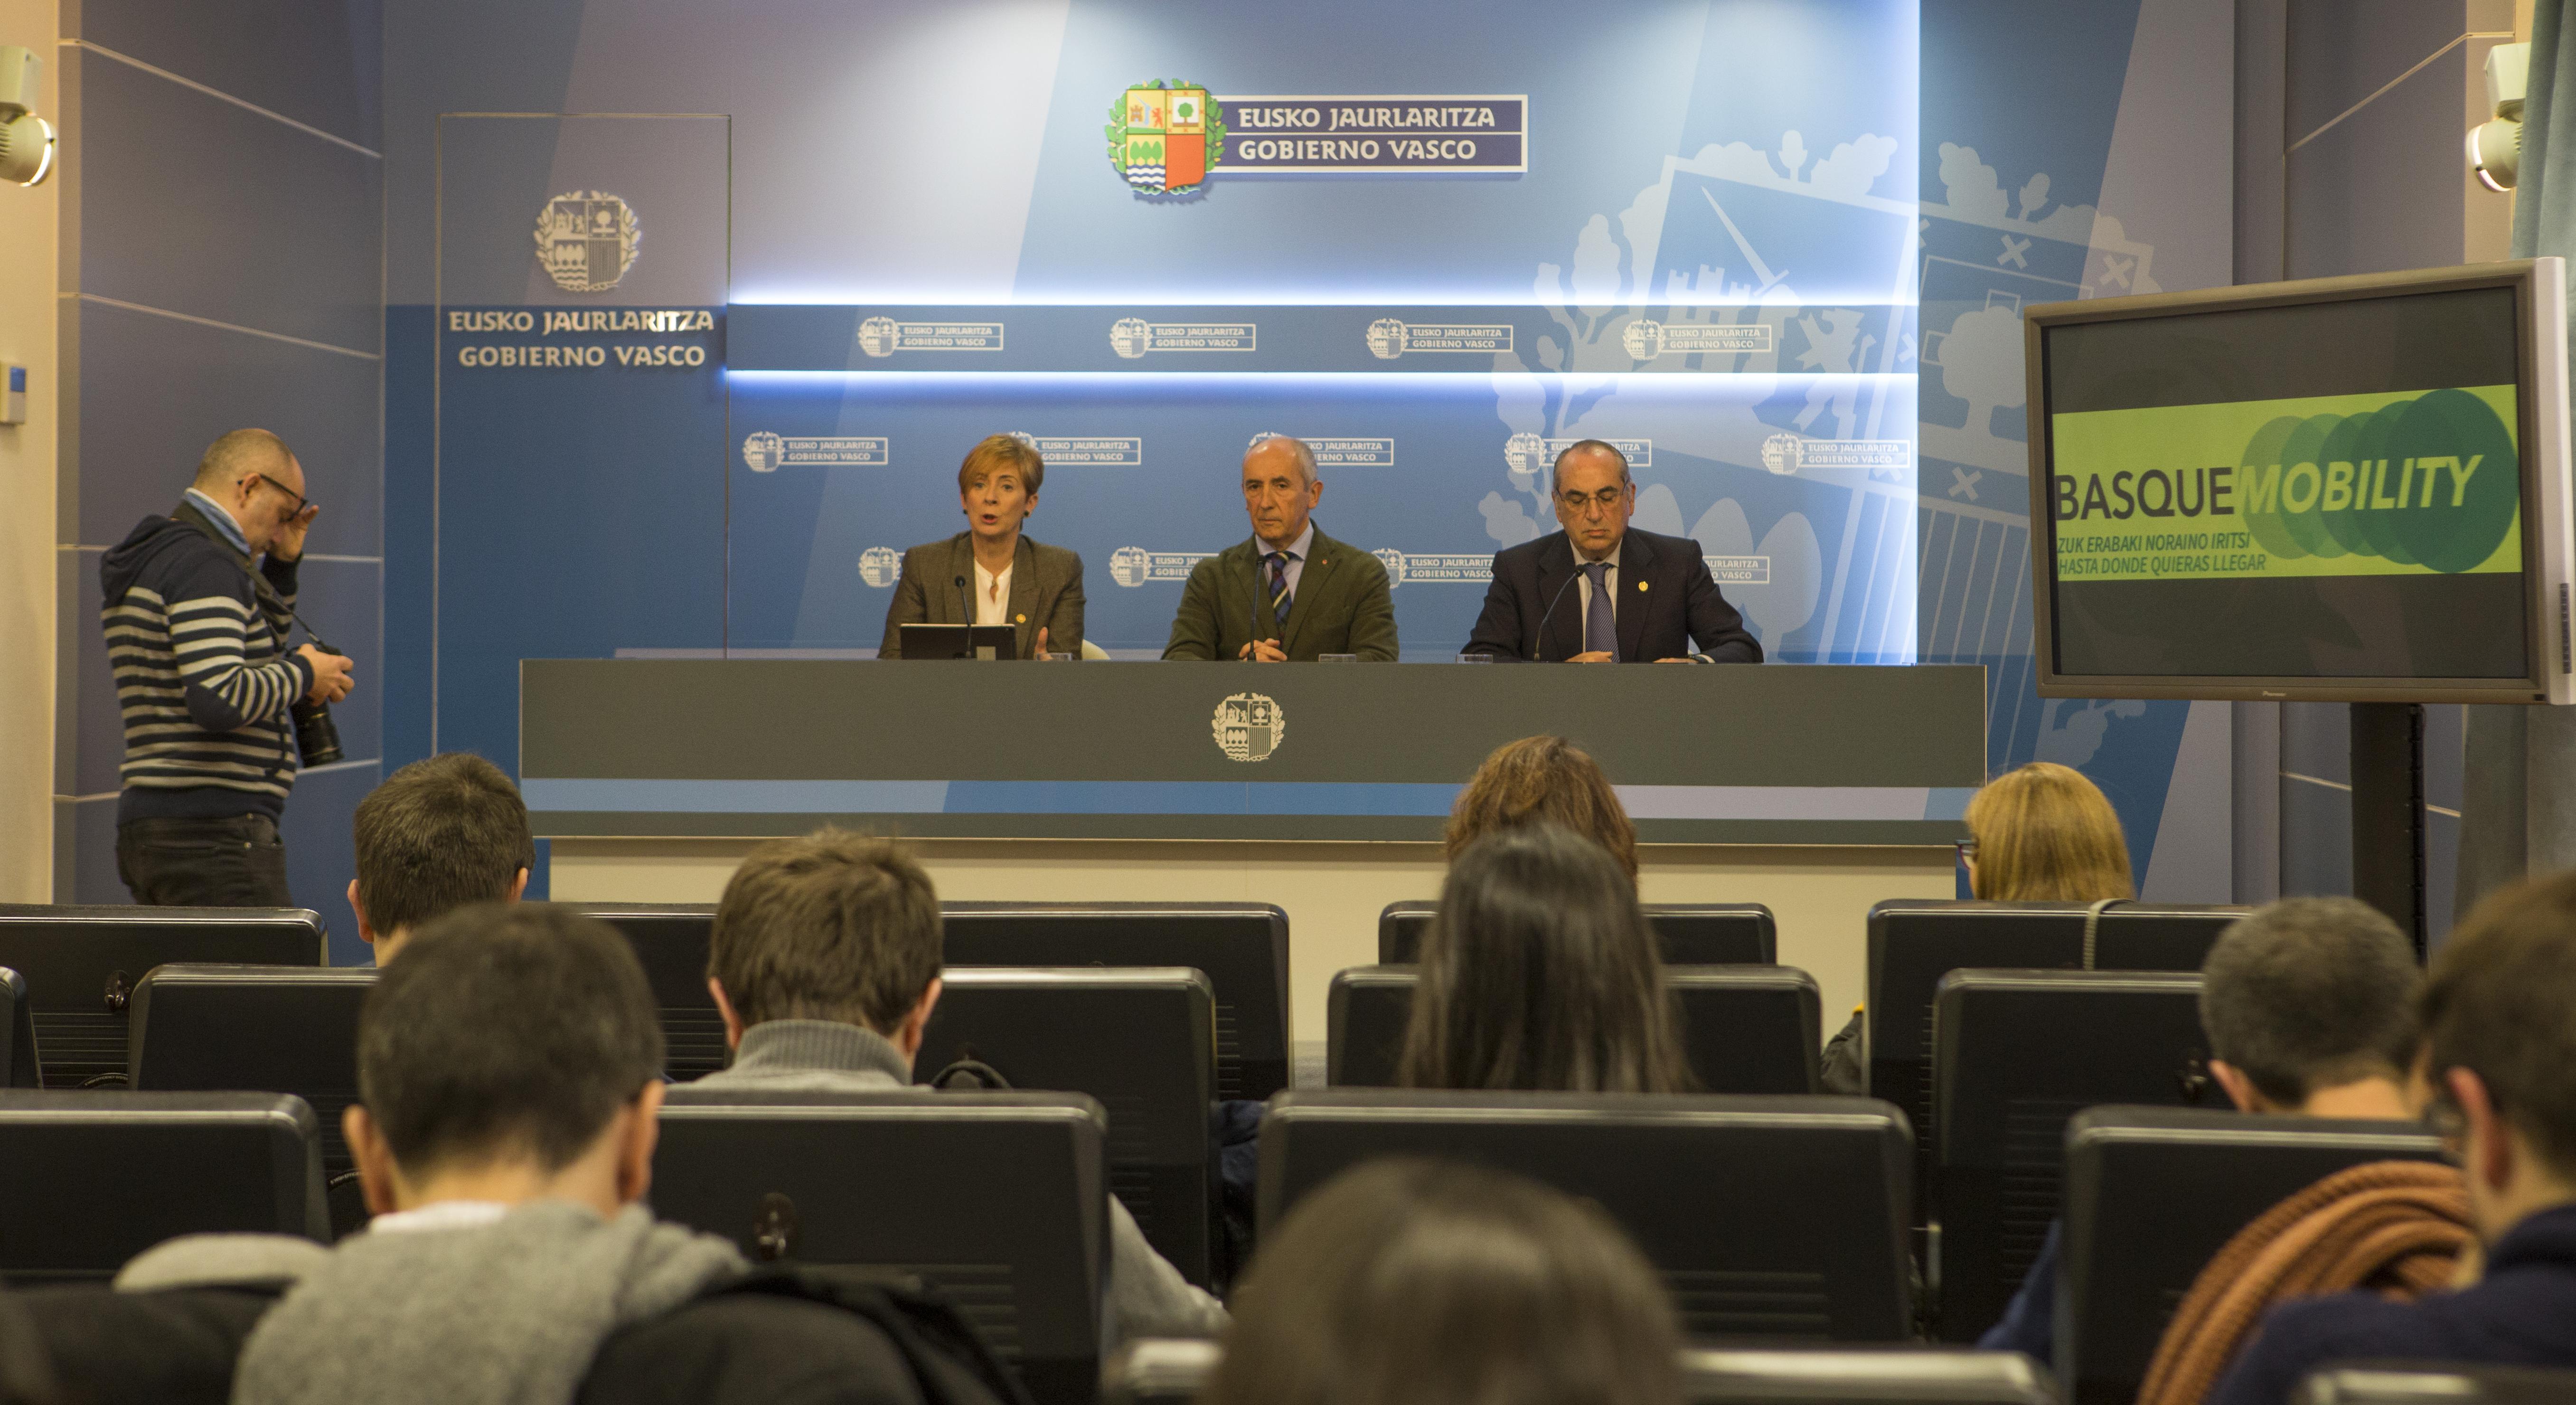 Eusko Jaurlaritzak COP-25 Klimaren Konferentzian parte hartzen ari da, bere proposamen eta agendarekin